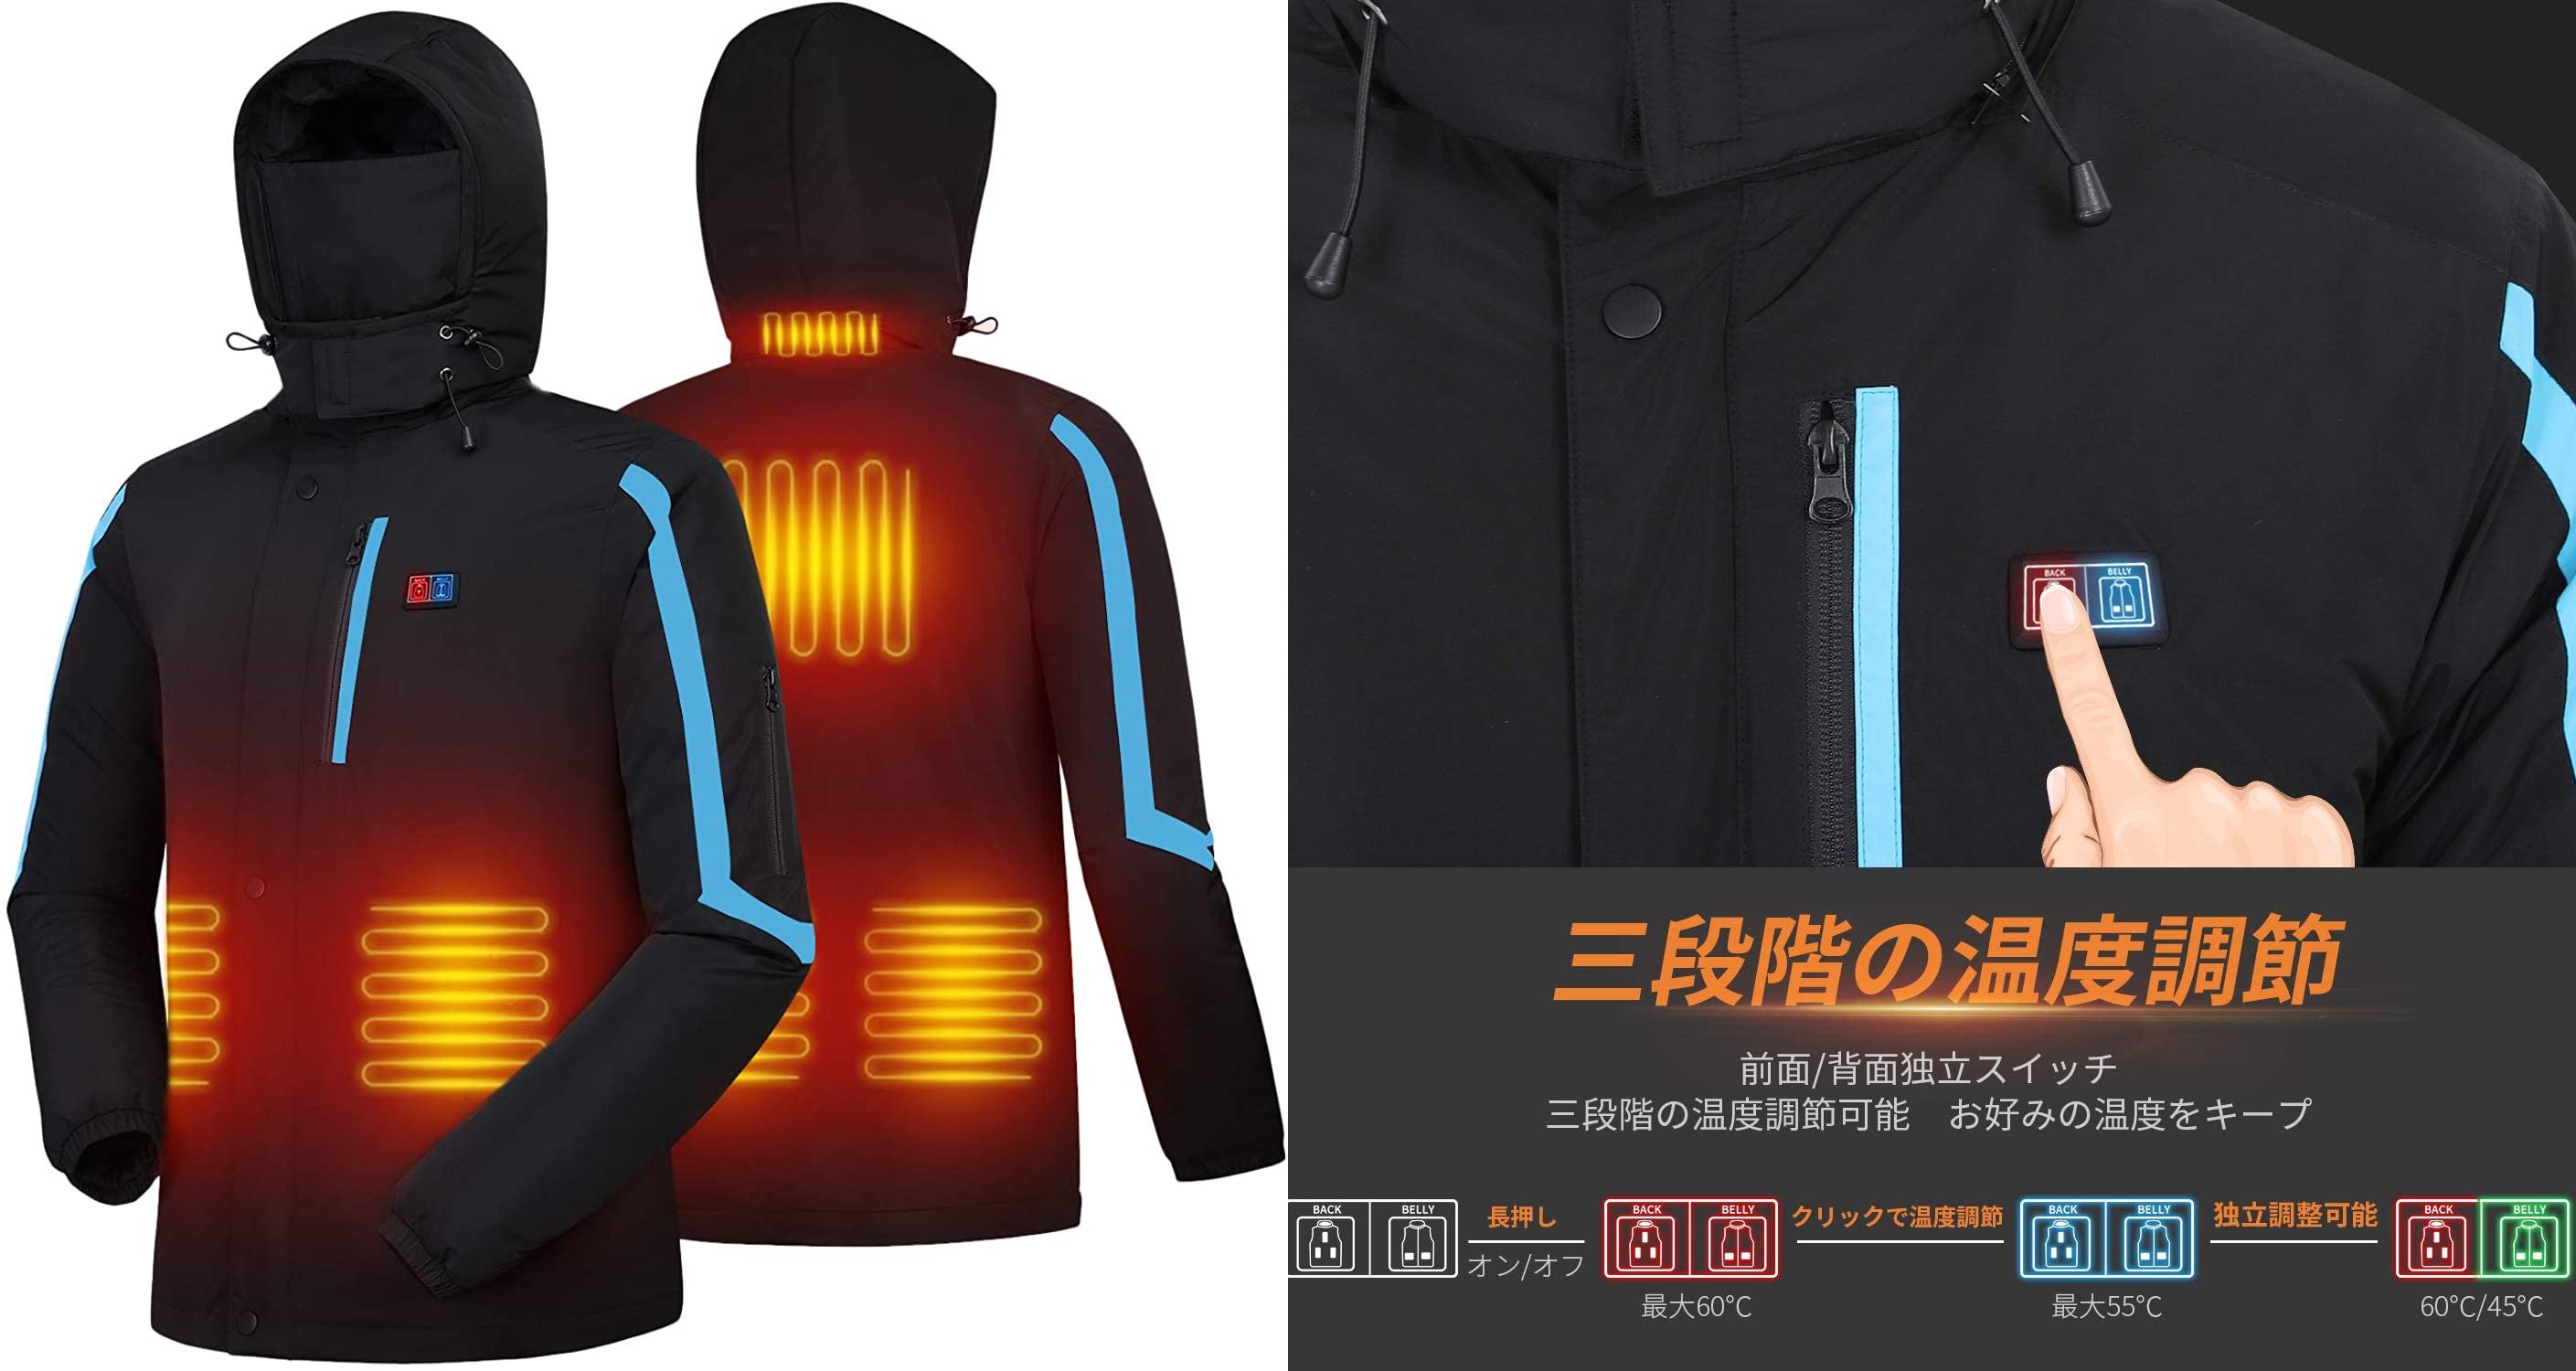 電熱ジャケットおすすめ|釣り、バイク、キャンプ、通勤用にあたたかい防寒着!アマゾン限定「NAFUAIR」安いくて高評価!